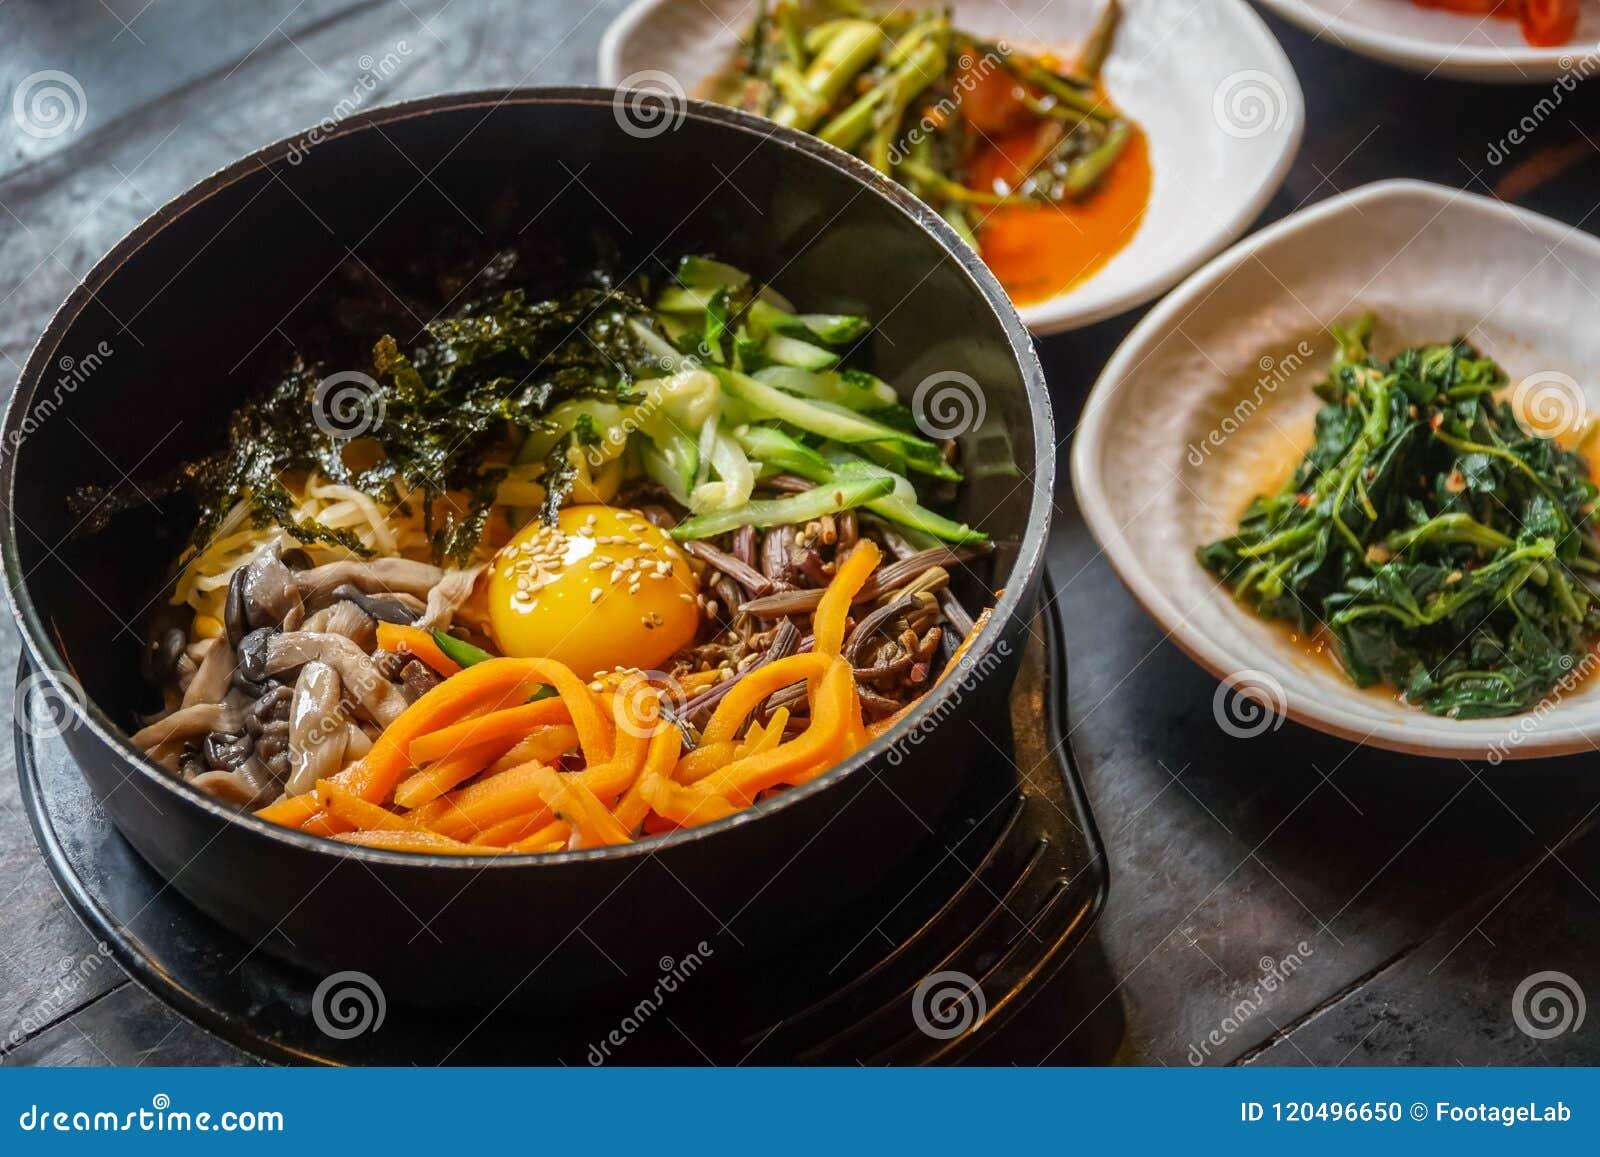 Традиционный корейский Bibimbap блюда, который служат вместе с малыми гарнирами Clled Banchan Азиатская подлинная кухня